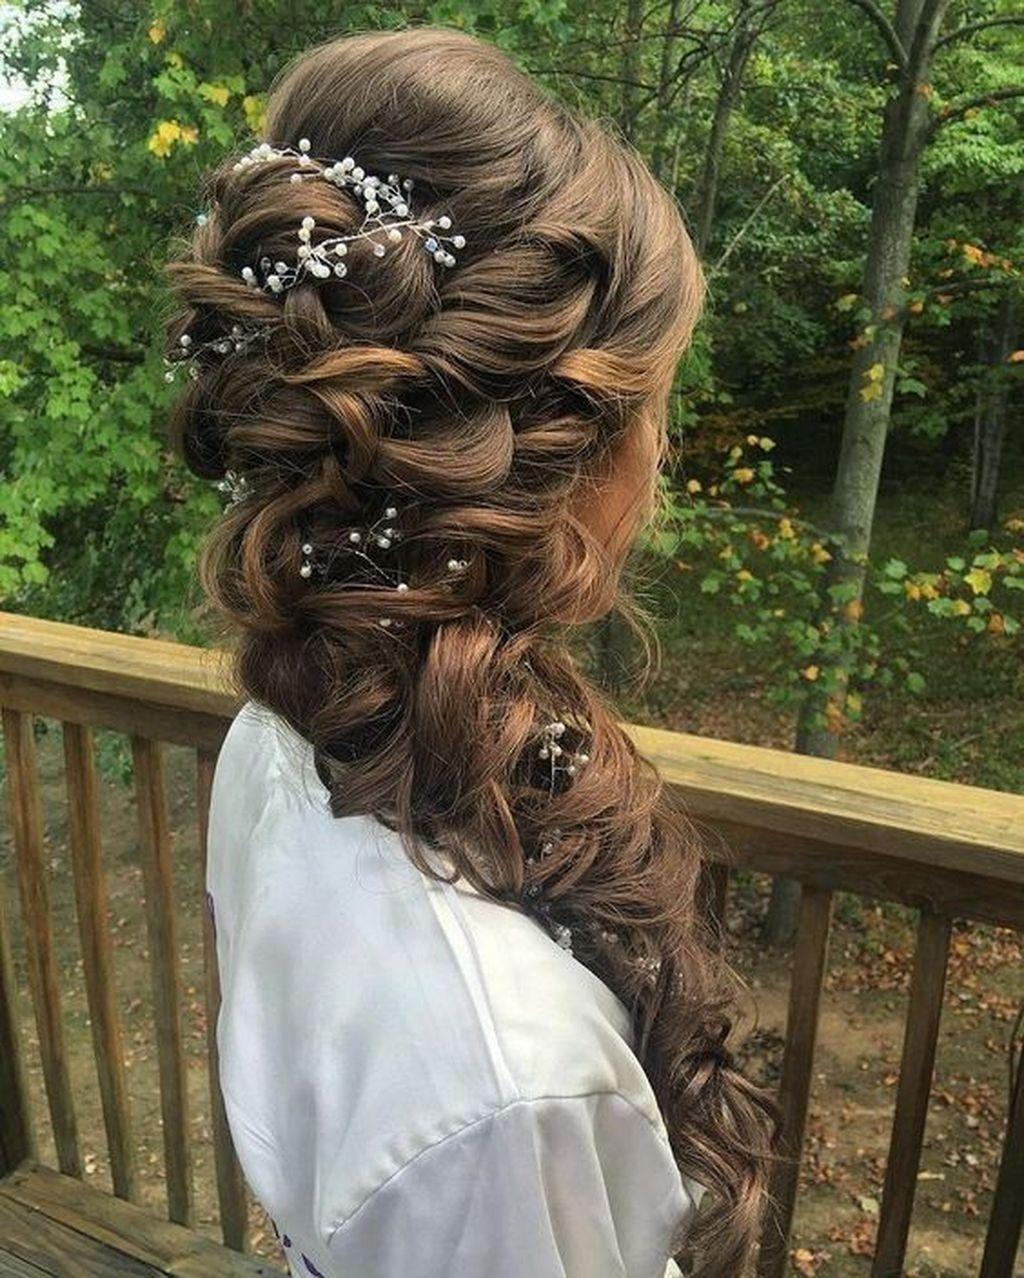 37 Delicieuses Idees De Coiffures De Mariage 9 L Ajout De Petite Coiffure Mariage Cheveux Long Boheme Coiffure Mariee Cheveux Longs Coiffure Boheme Mariage